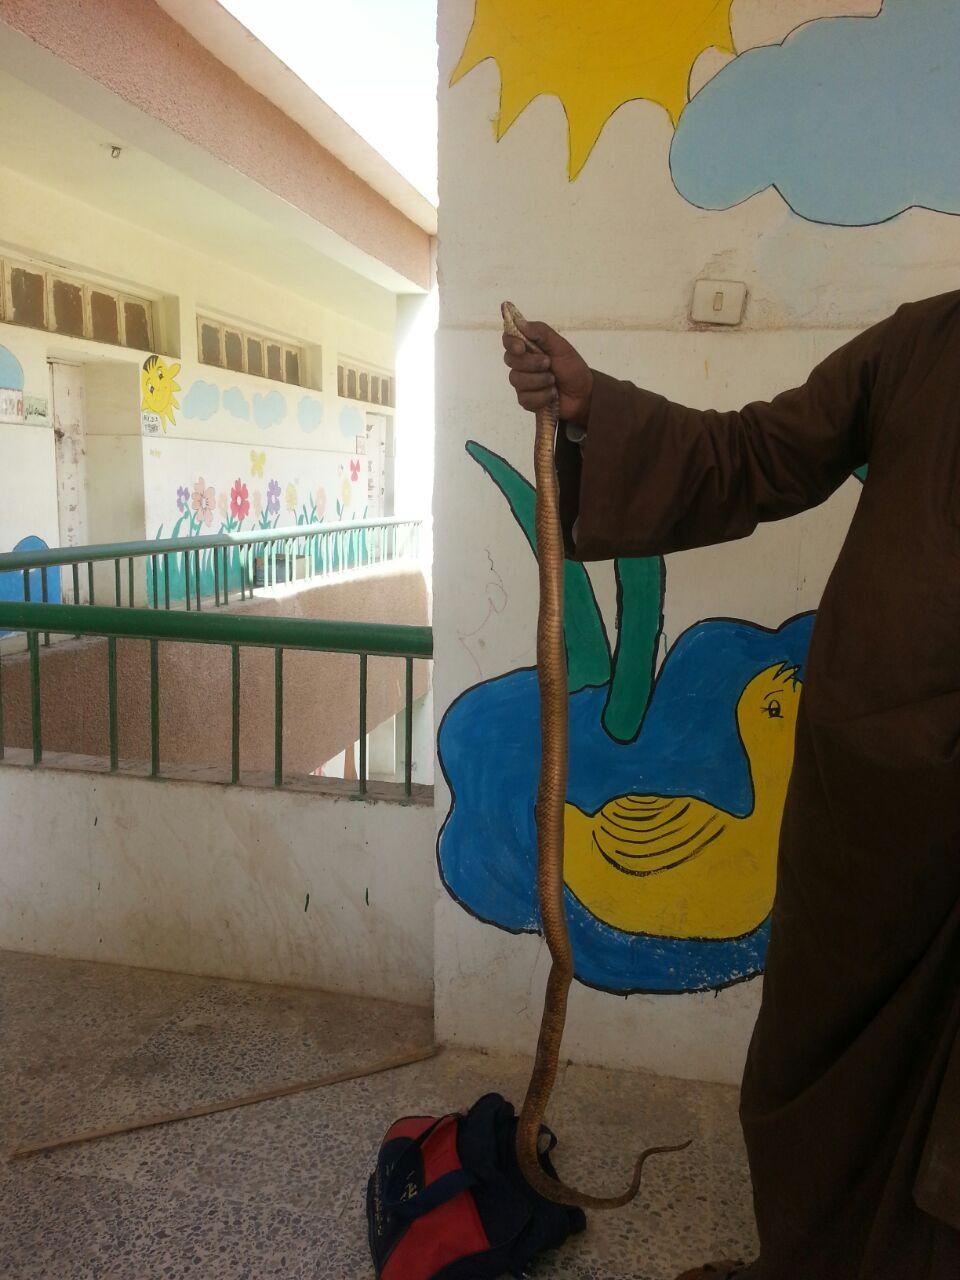 بالفيديو والصور.. ثعابين كبيرة في مدرسة بـ 15 مايو.. وذُعر أولياء الأمور مع حلول الدراسة